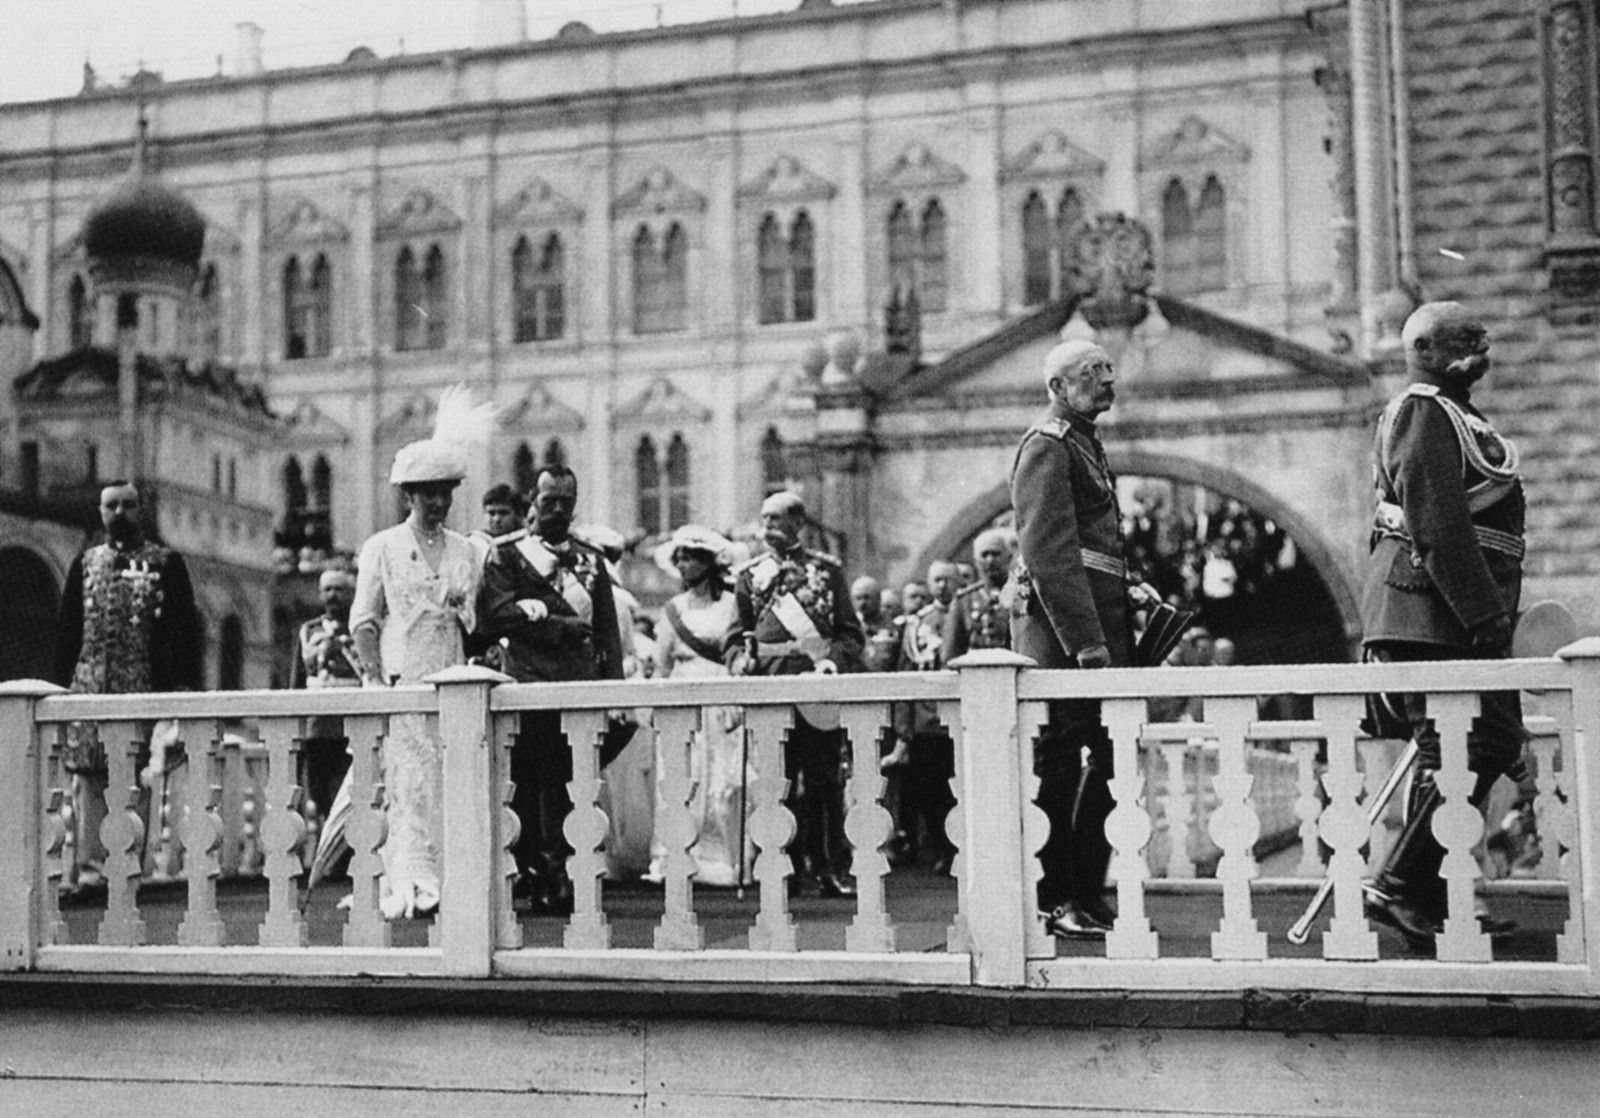 1913. Император Николай II и императрица Александра Федоровна во время торжественного выхода в Кремле